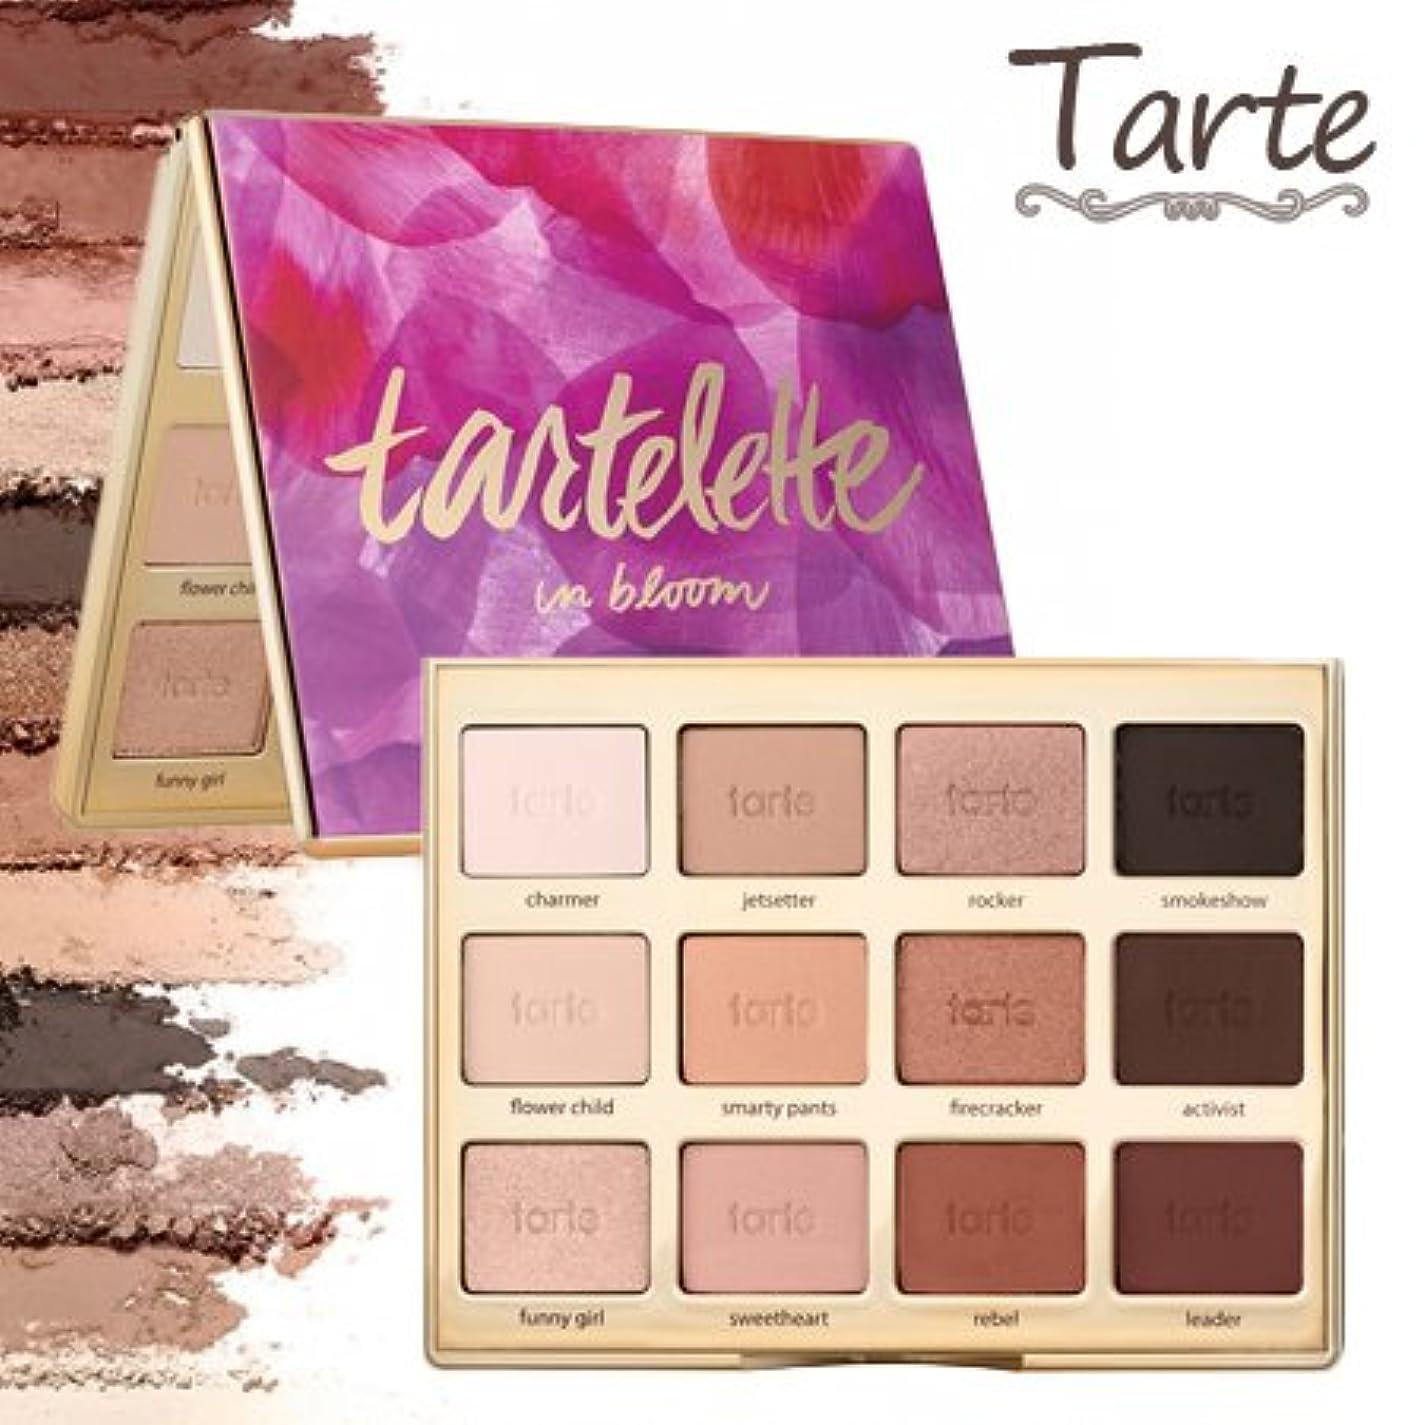 ハブ動物の頭の上タルトTarte Tartelette in bloom clay eyeshadow palette アイシャドウ パレット 12色 【並行輸入品】